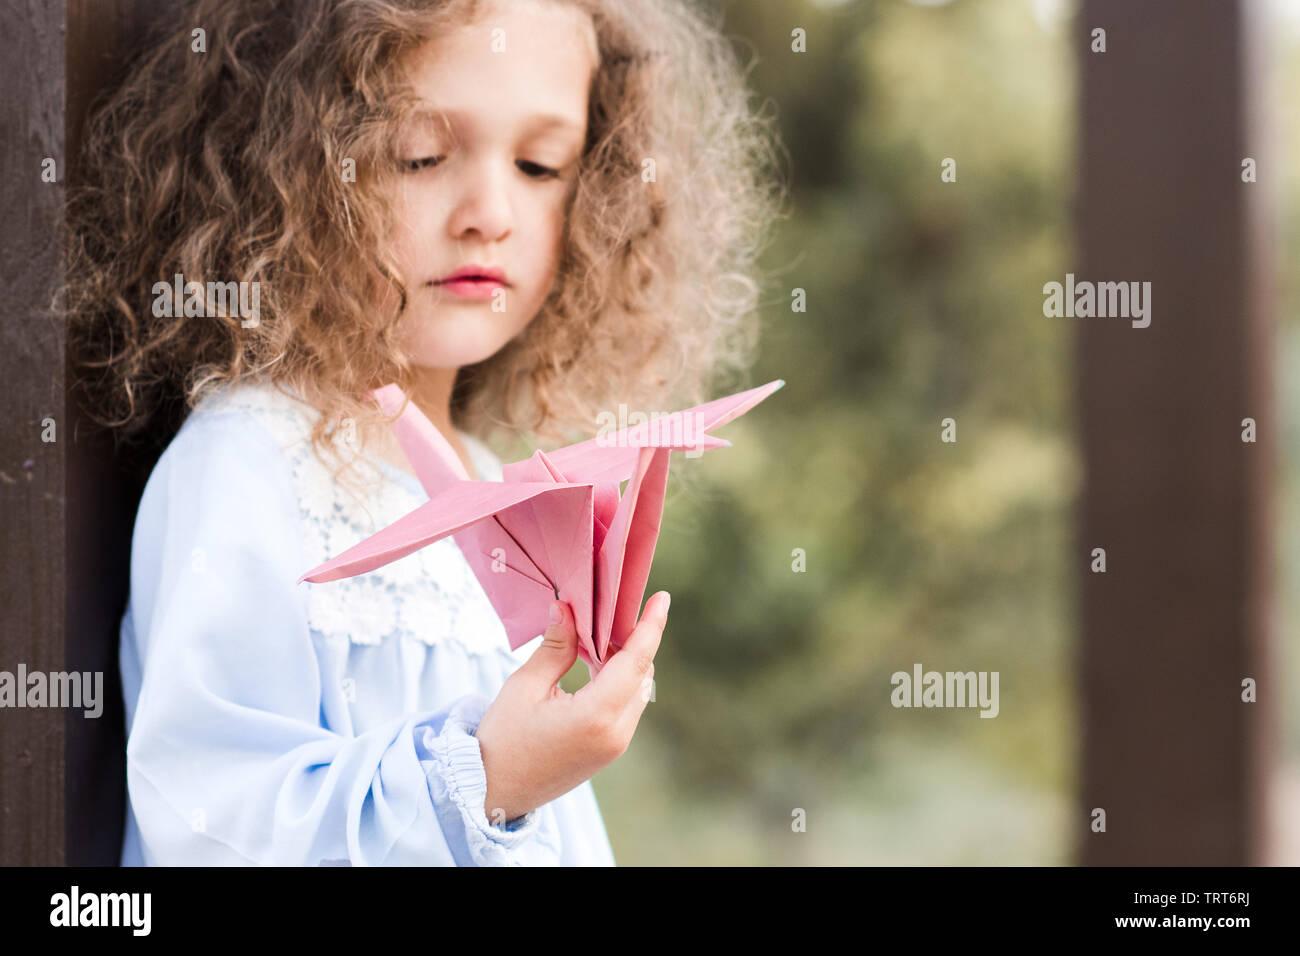 Schüler Cute Baby Mädchen 3-4 Jahre alten Holding origami Papier Kran im Freien. Stockbild